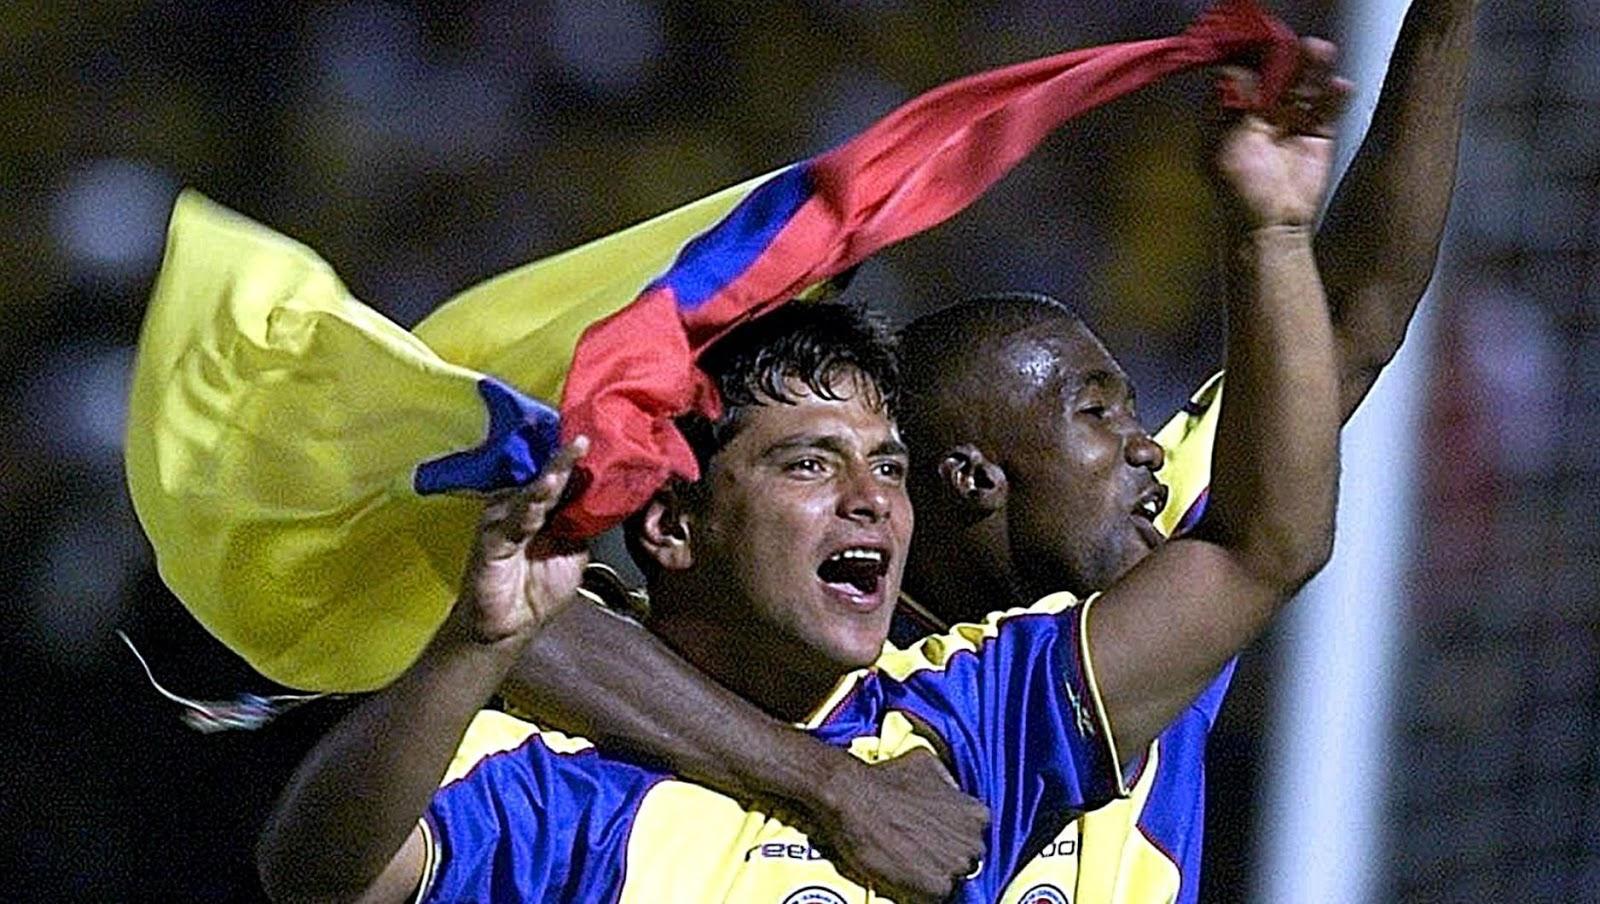 كوبا أمريكا 2001 .. بطولة لم يشاهدها أحد وتحقق فيها ...